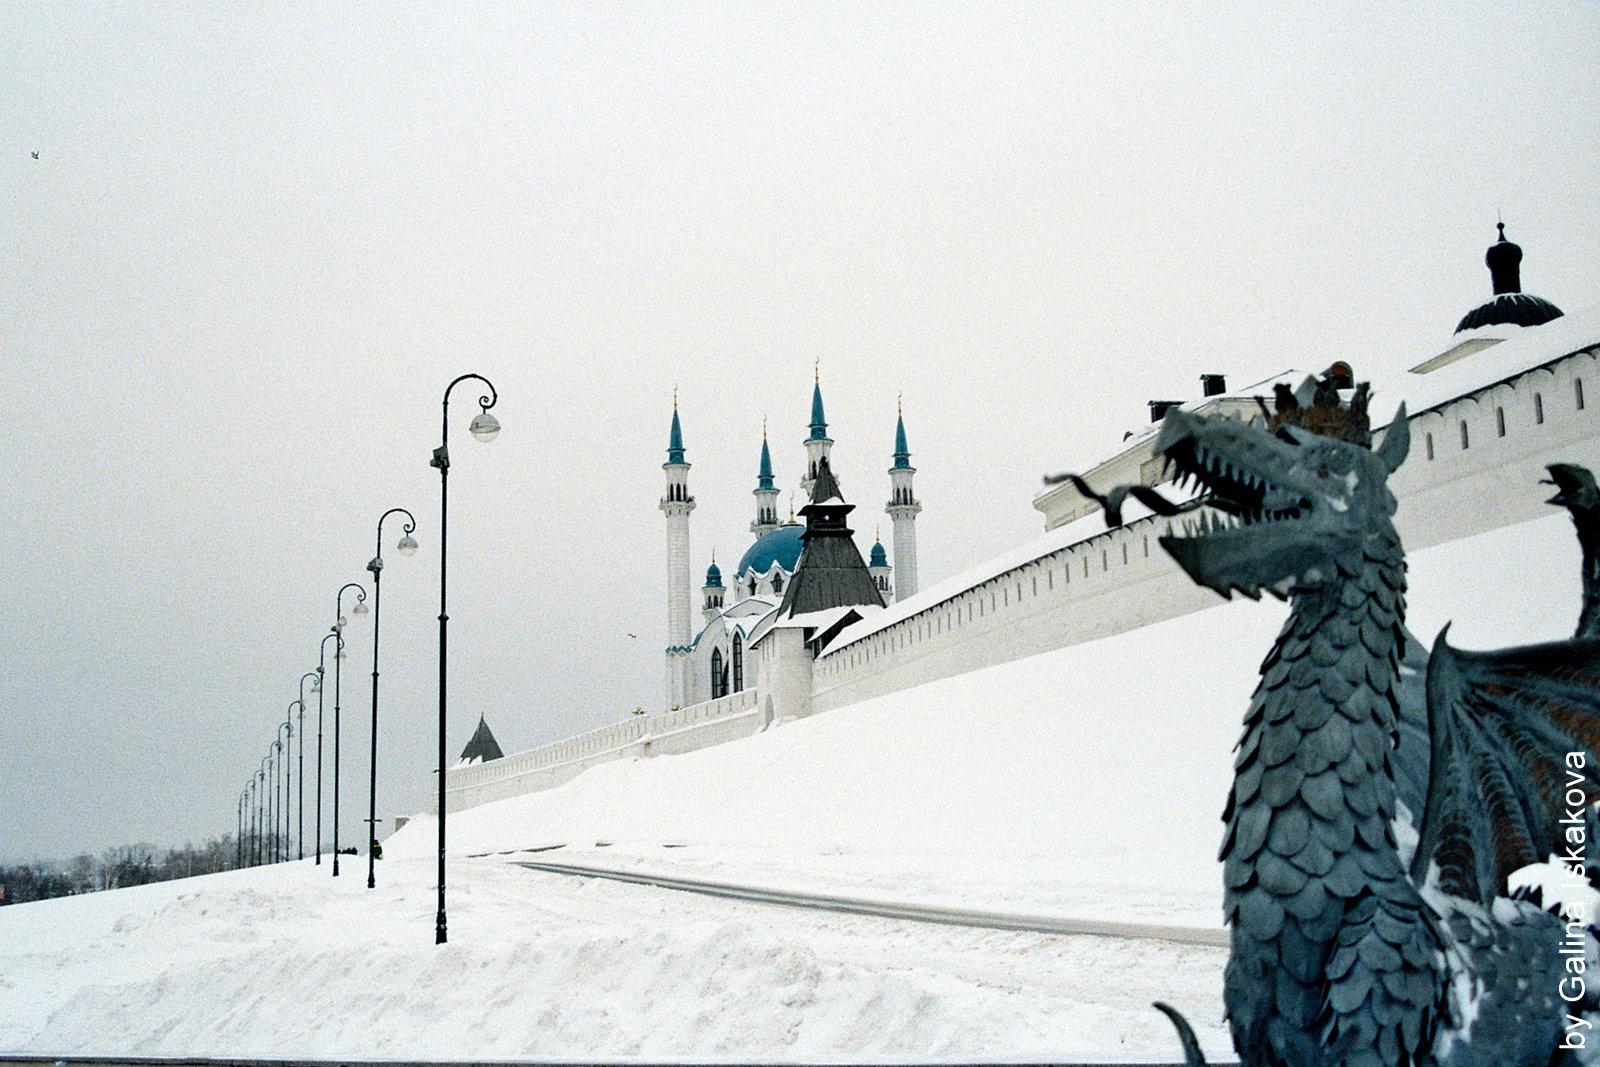 kazan — novogodnyaya stolica rossii 2013 Казань — новогодняя столица России 2013